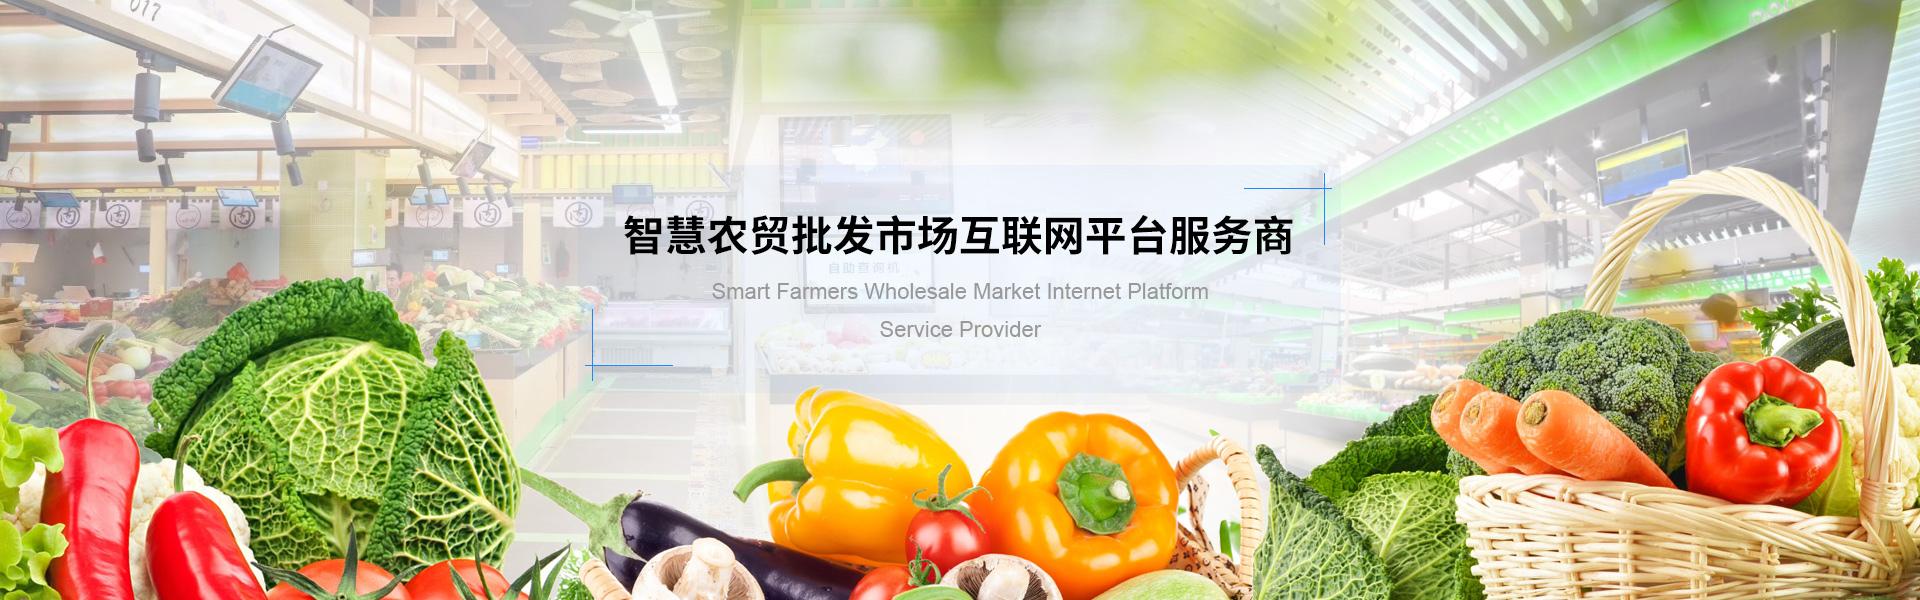 智慧农贸市场